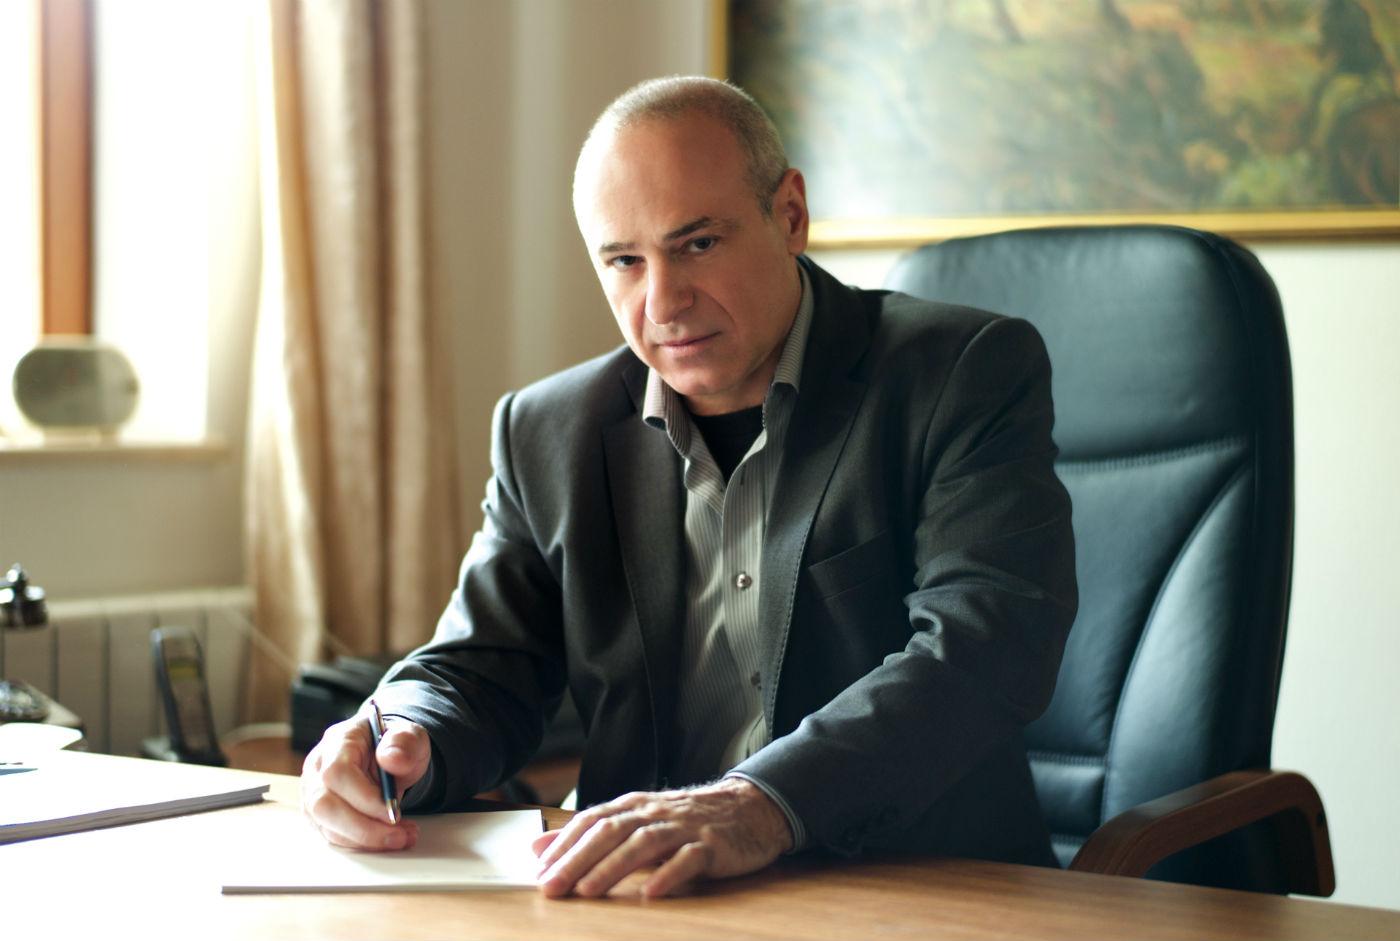 Инж. Митко Димитров: Всичко, което съм постигнал, е било с много труд и усилия